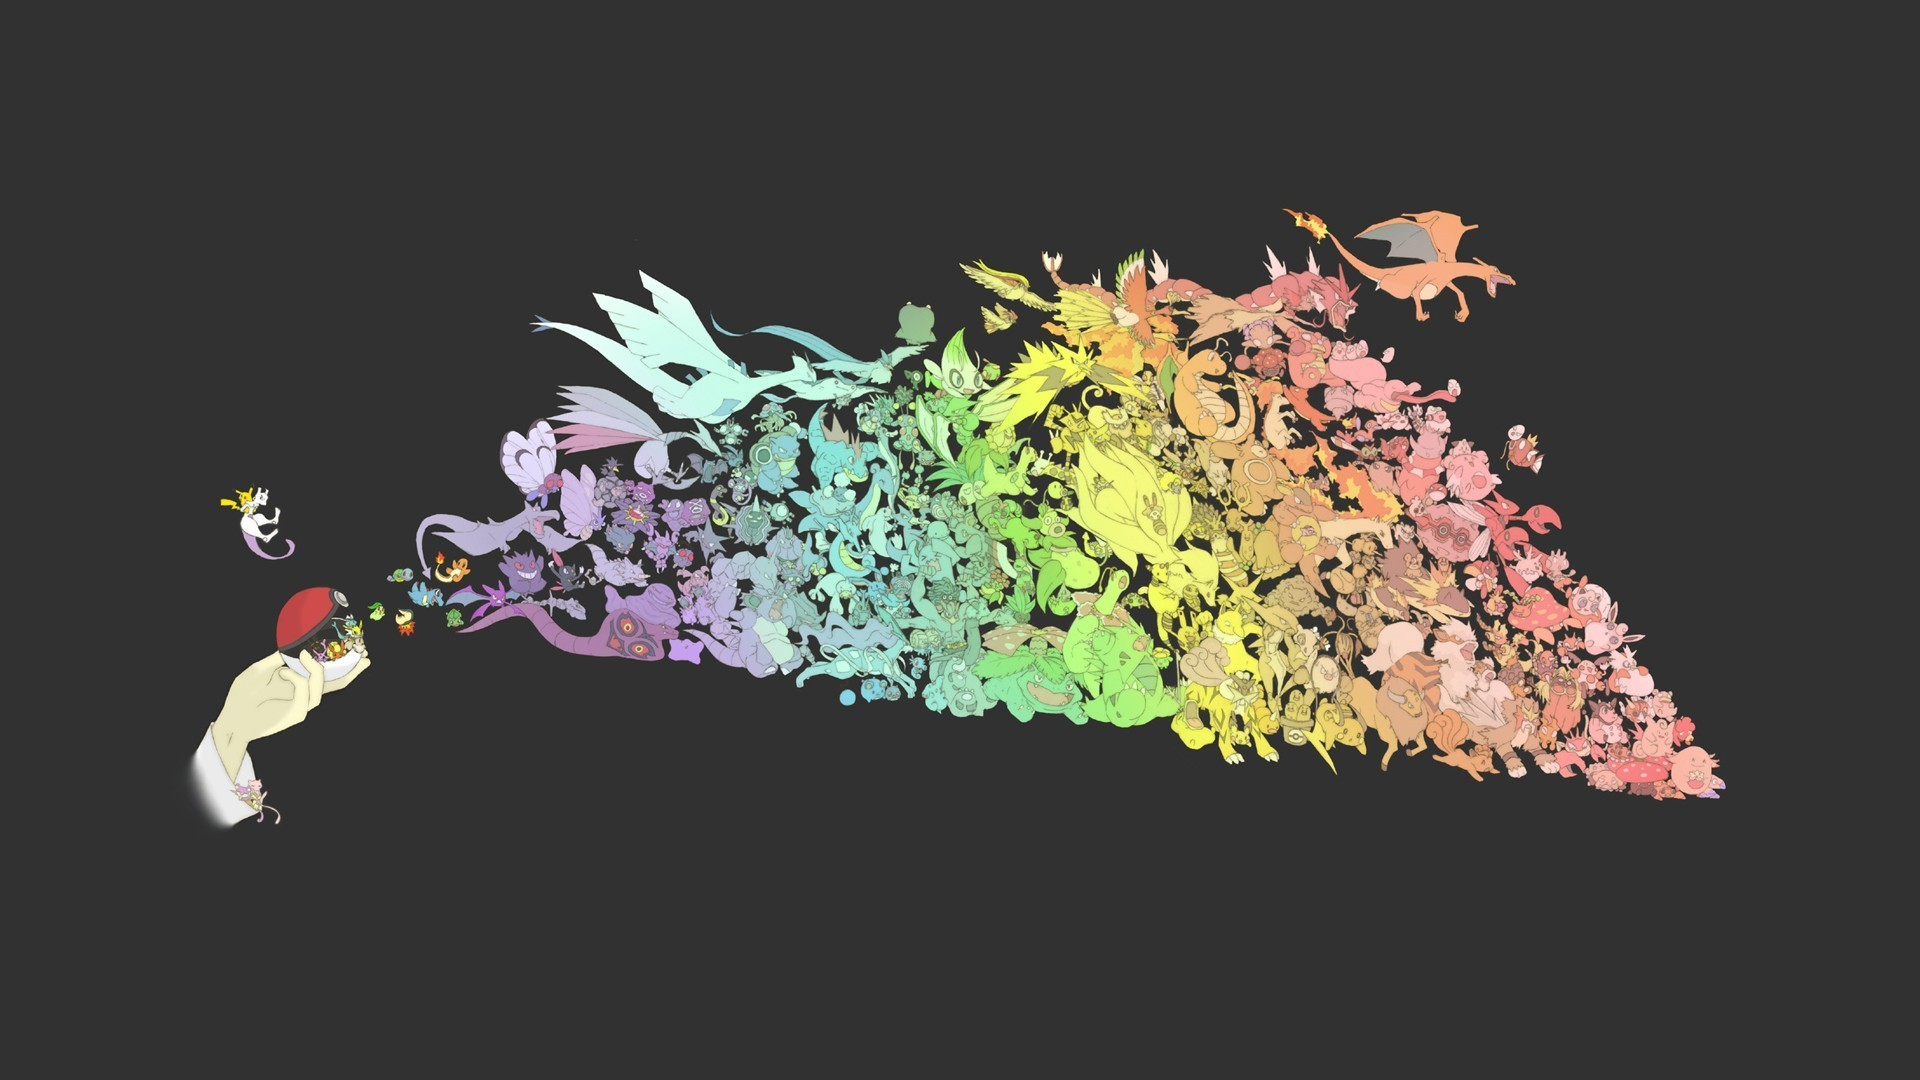 Pokemon HD Wallpapers p Wallpaper Pokemon Wallpapers)